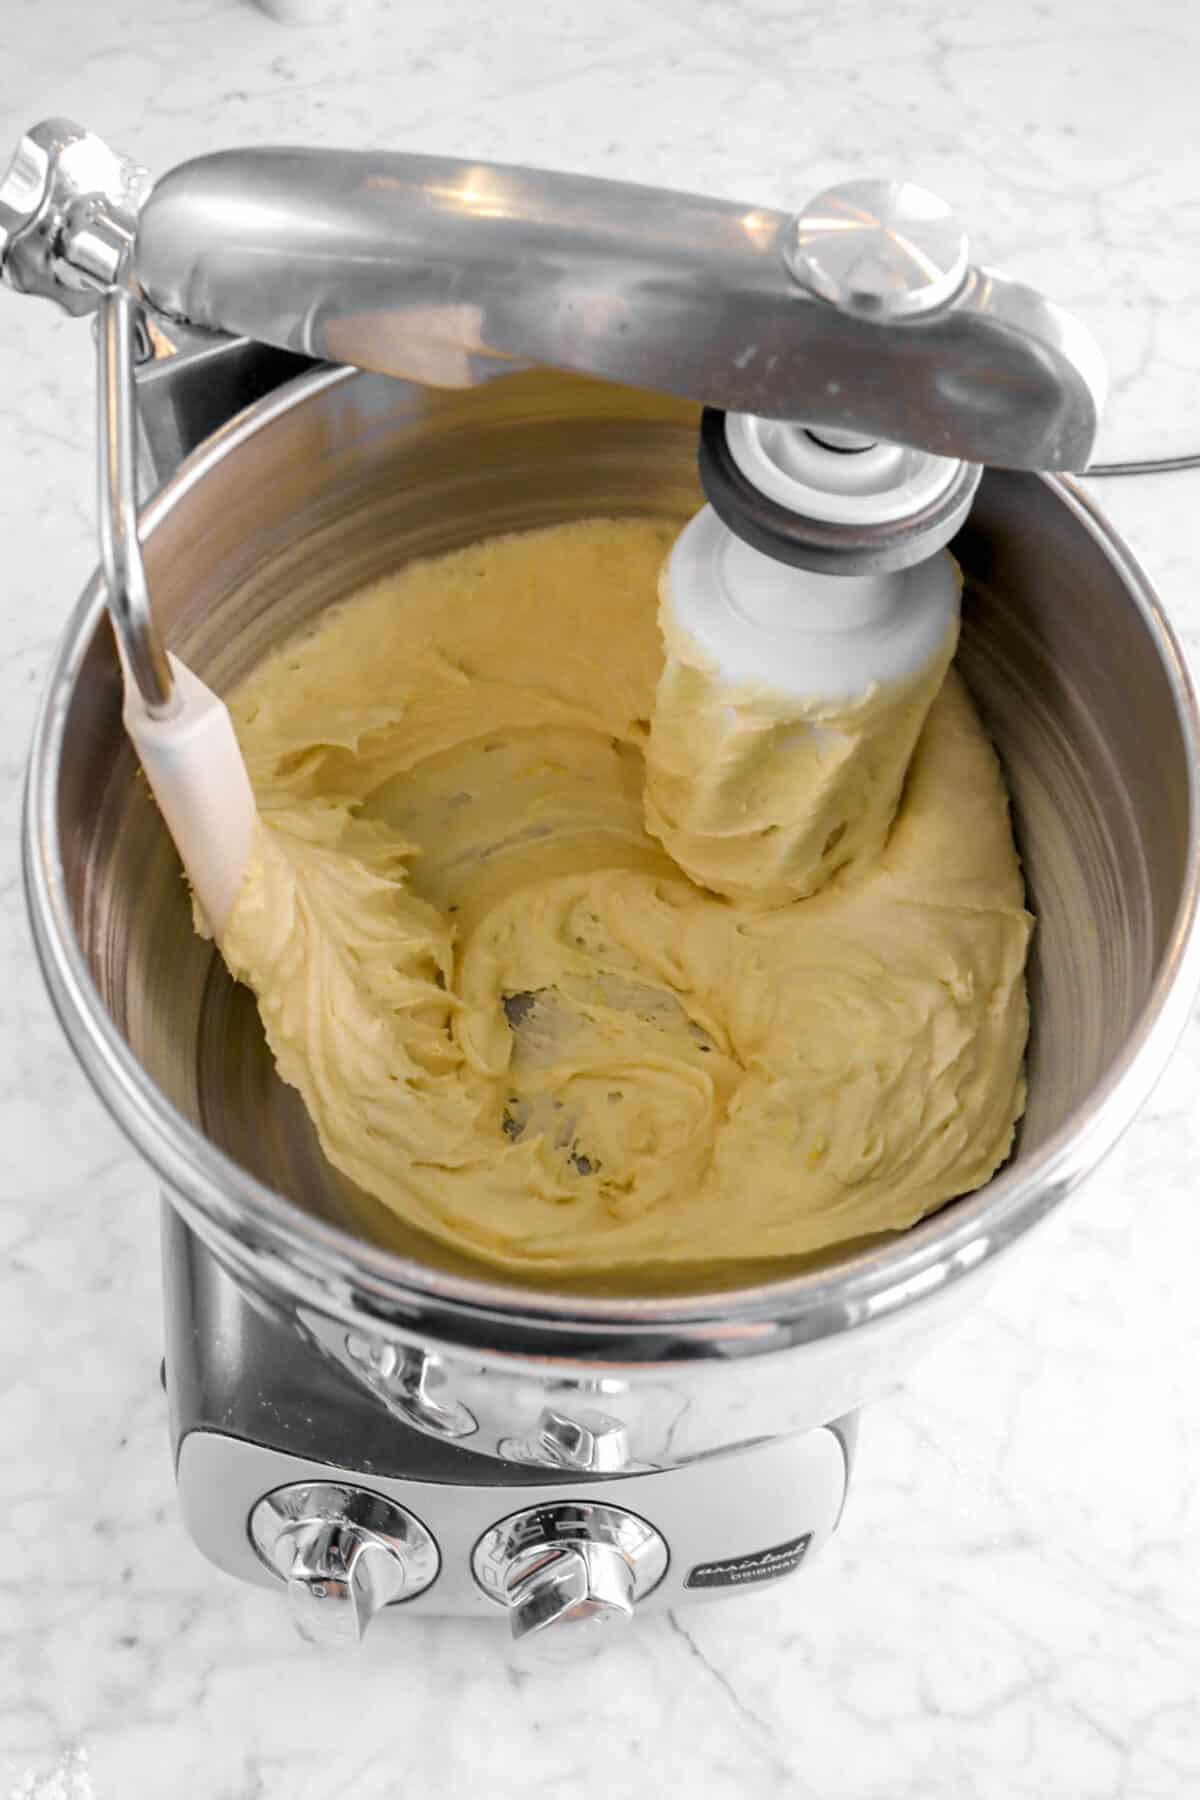 lemon cake batter in mixer